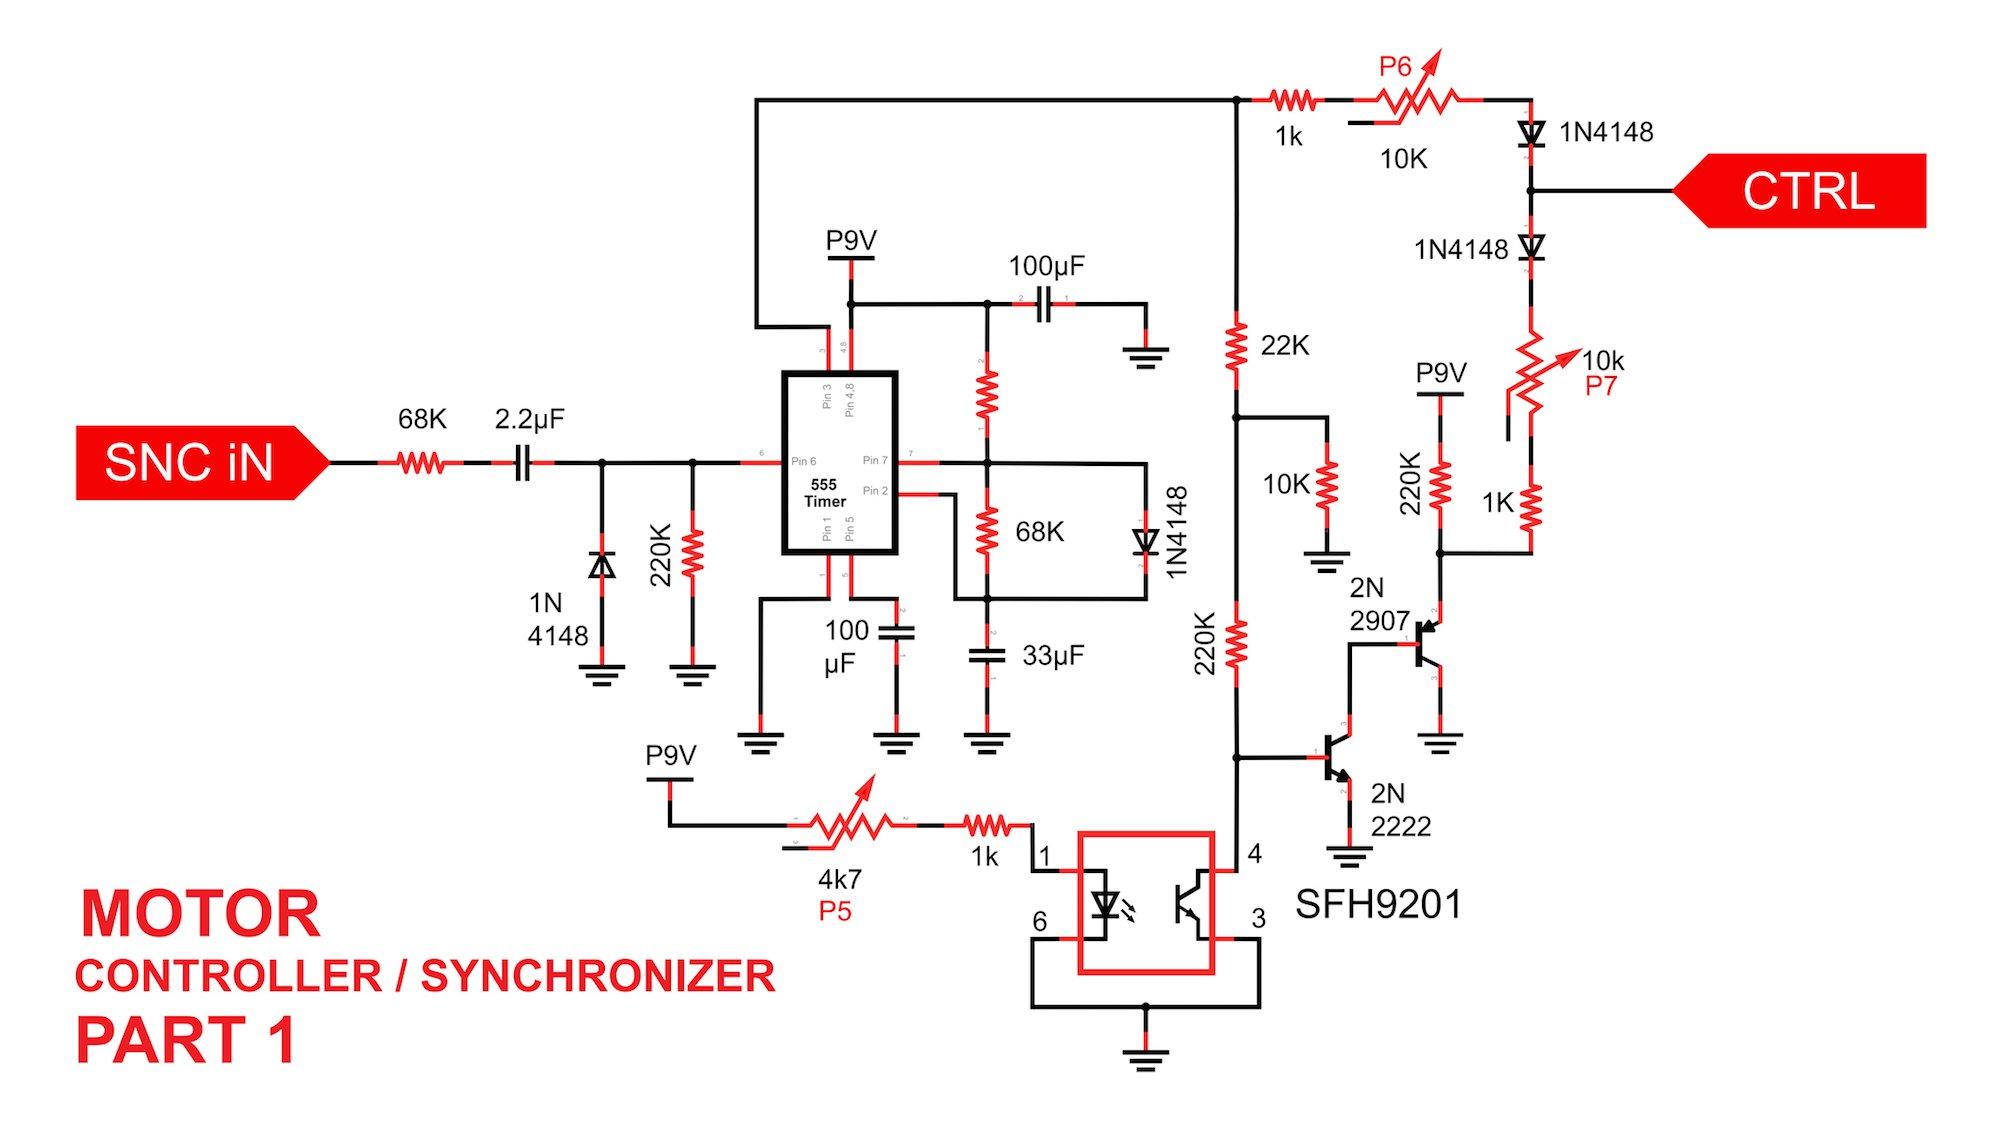 DIY-57-Motor-Controller-Synchronizer-part1_schem.jpg